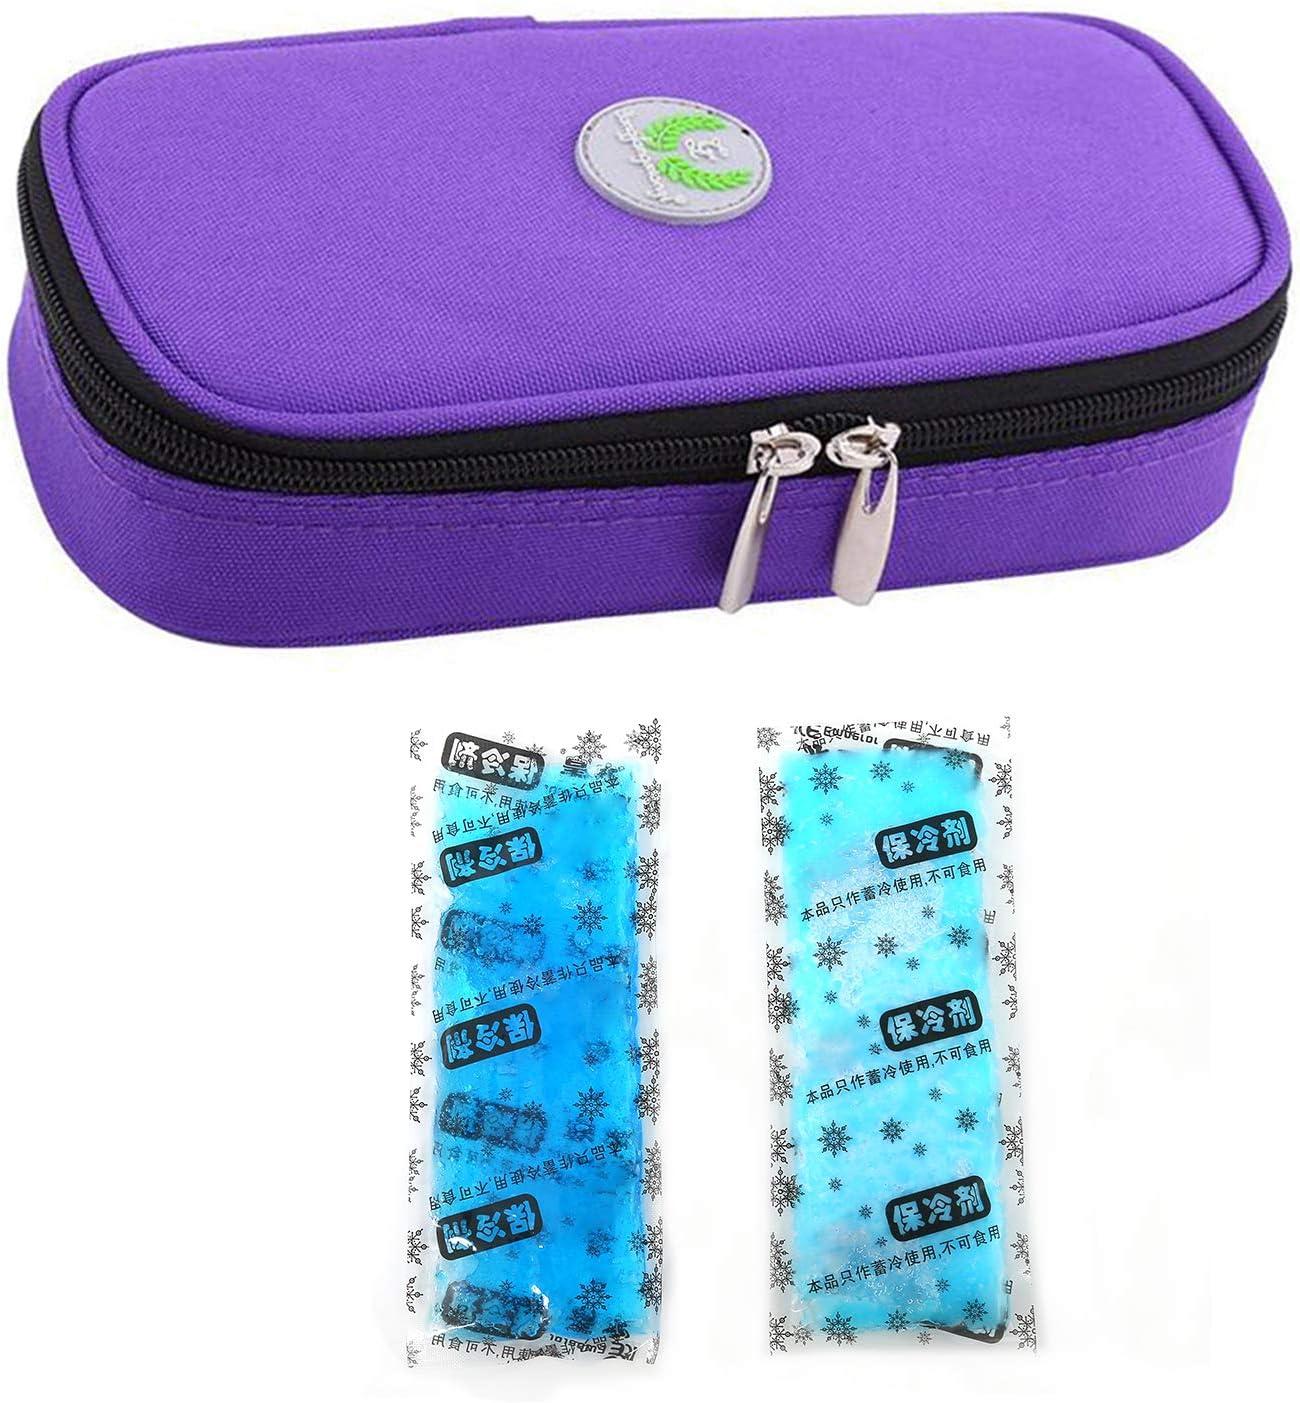 Bolso portátil del refrigerador del organizador de la insulina, bolso del refrigerador del viaje de la caja del protector médico con paquete de hielo para el diabético (Púrpura + 2 Bolsas de